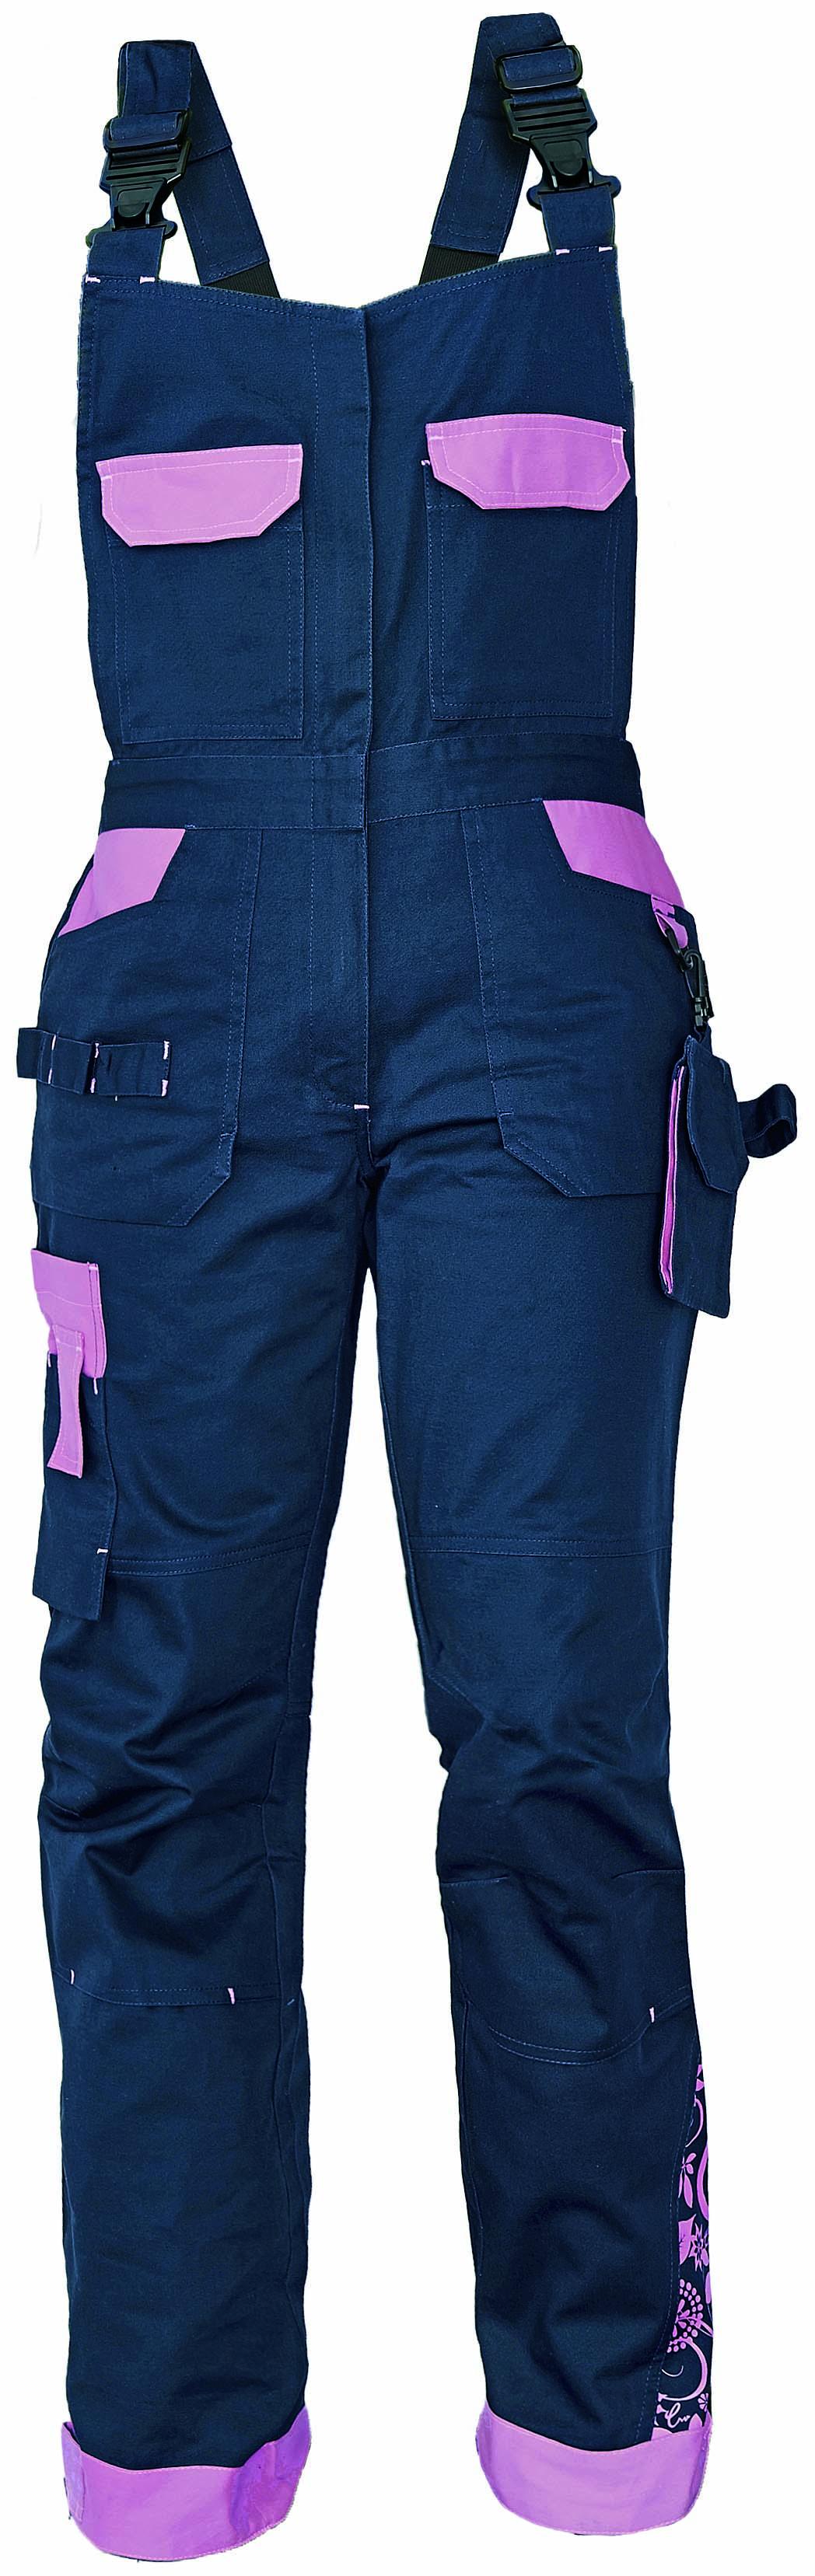 YOWIE kalhoty lacl navy/fialová pracovní 03020208 39 38